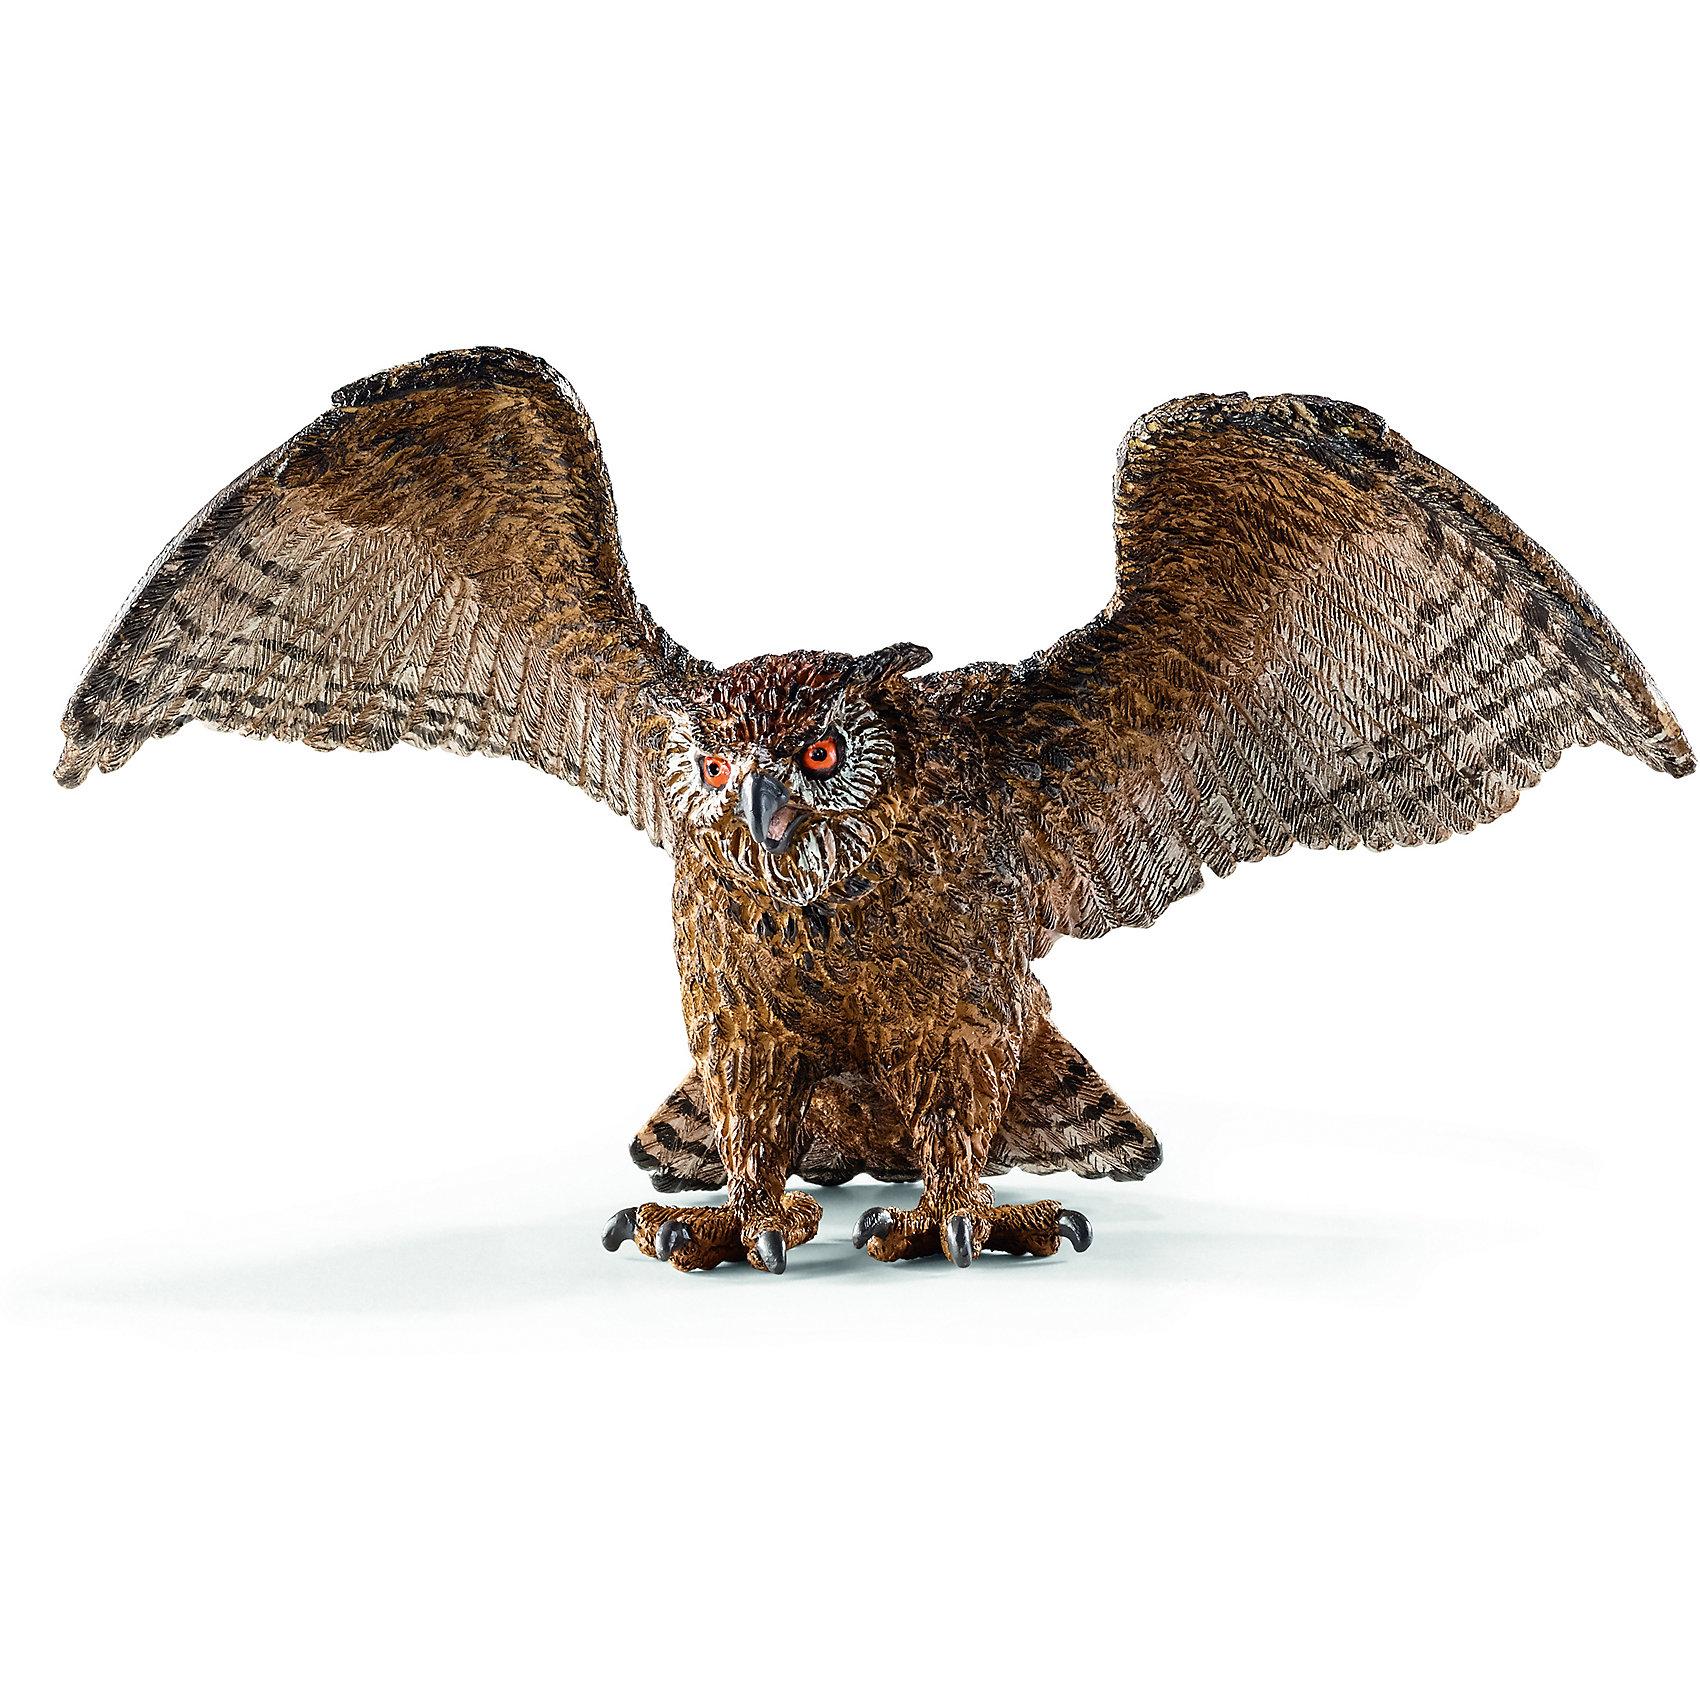 Филин, SchleichФилин, Schleich (Шляйх) – это высококачественная коллекционная и игровая фигурка.<br>Фигурка Филина компании Schleich (Шляйх) порадует всех любителей животных и птиц, и станет замечательным подарком или уникальным дополнением коллекции миниатюрных игрушек. Филин — один из наиболее широко распространённых видов сов. Он живёт и в Северной Африке, и в Европе, и в Азии. Филин — ночной охотник. Он выходит на охоту в сумерках, около полуночи делает перерыв, а затем продолжает охоту до рассвета. Для филина характерны глубокие и размеренные взмахи широких крыльев. Как правило, эта птица неторопливо летает над землёй, высматривая добычу, чередуя машущий полёт с непродолжительным планированием. <br>Прекрасно выполненные фигурки Schleich (Шляйх) являются максимально точной копией настоящих животных и птиц, и отличаются высочайшим качеством игрушек ручной работы. Каждая фигурка разработана с учетом исследований в области педагогики и производится как настоящее произведение для маленьких детских ручек. Все фигурки Schleich (Шляйх) сделаны из гипоаллергенных высокотехнологичных материалов, раскрашены вручную и не вызывают аллергии у ребенка.<br><br>Дополнительная информация:<br><br>- Размер фигурки: 11 х 6 х 6 см.<br>- Материал: высококачественный каучуковый пластик<br><br>Фигурку Филина, Schleich (Шляйх) можно купить в нашем интернет-магазине.<br><br>Ширина мм: 91<br>Глубина мм: 98<br>Высота мм: 50<br>Вес г: 40<br>Возраст от месяцев: 36<br>Возраст до месяцев: 96<br>Пол: Унисекс<br>Возраст: Детский<br>SKU: 3902545